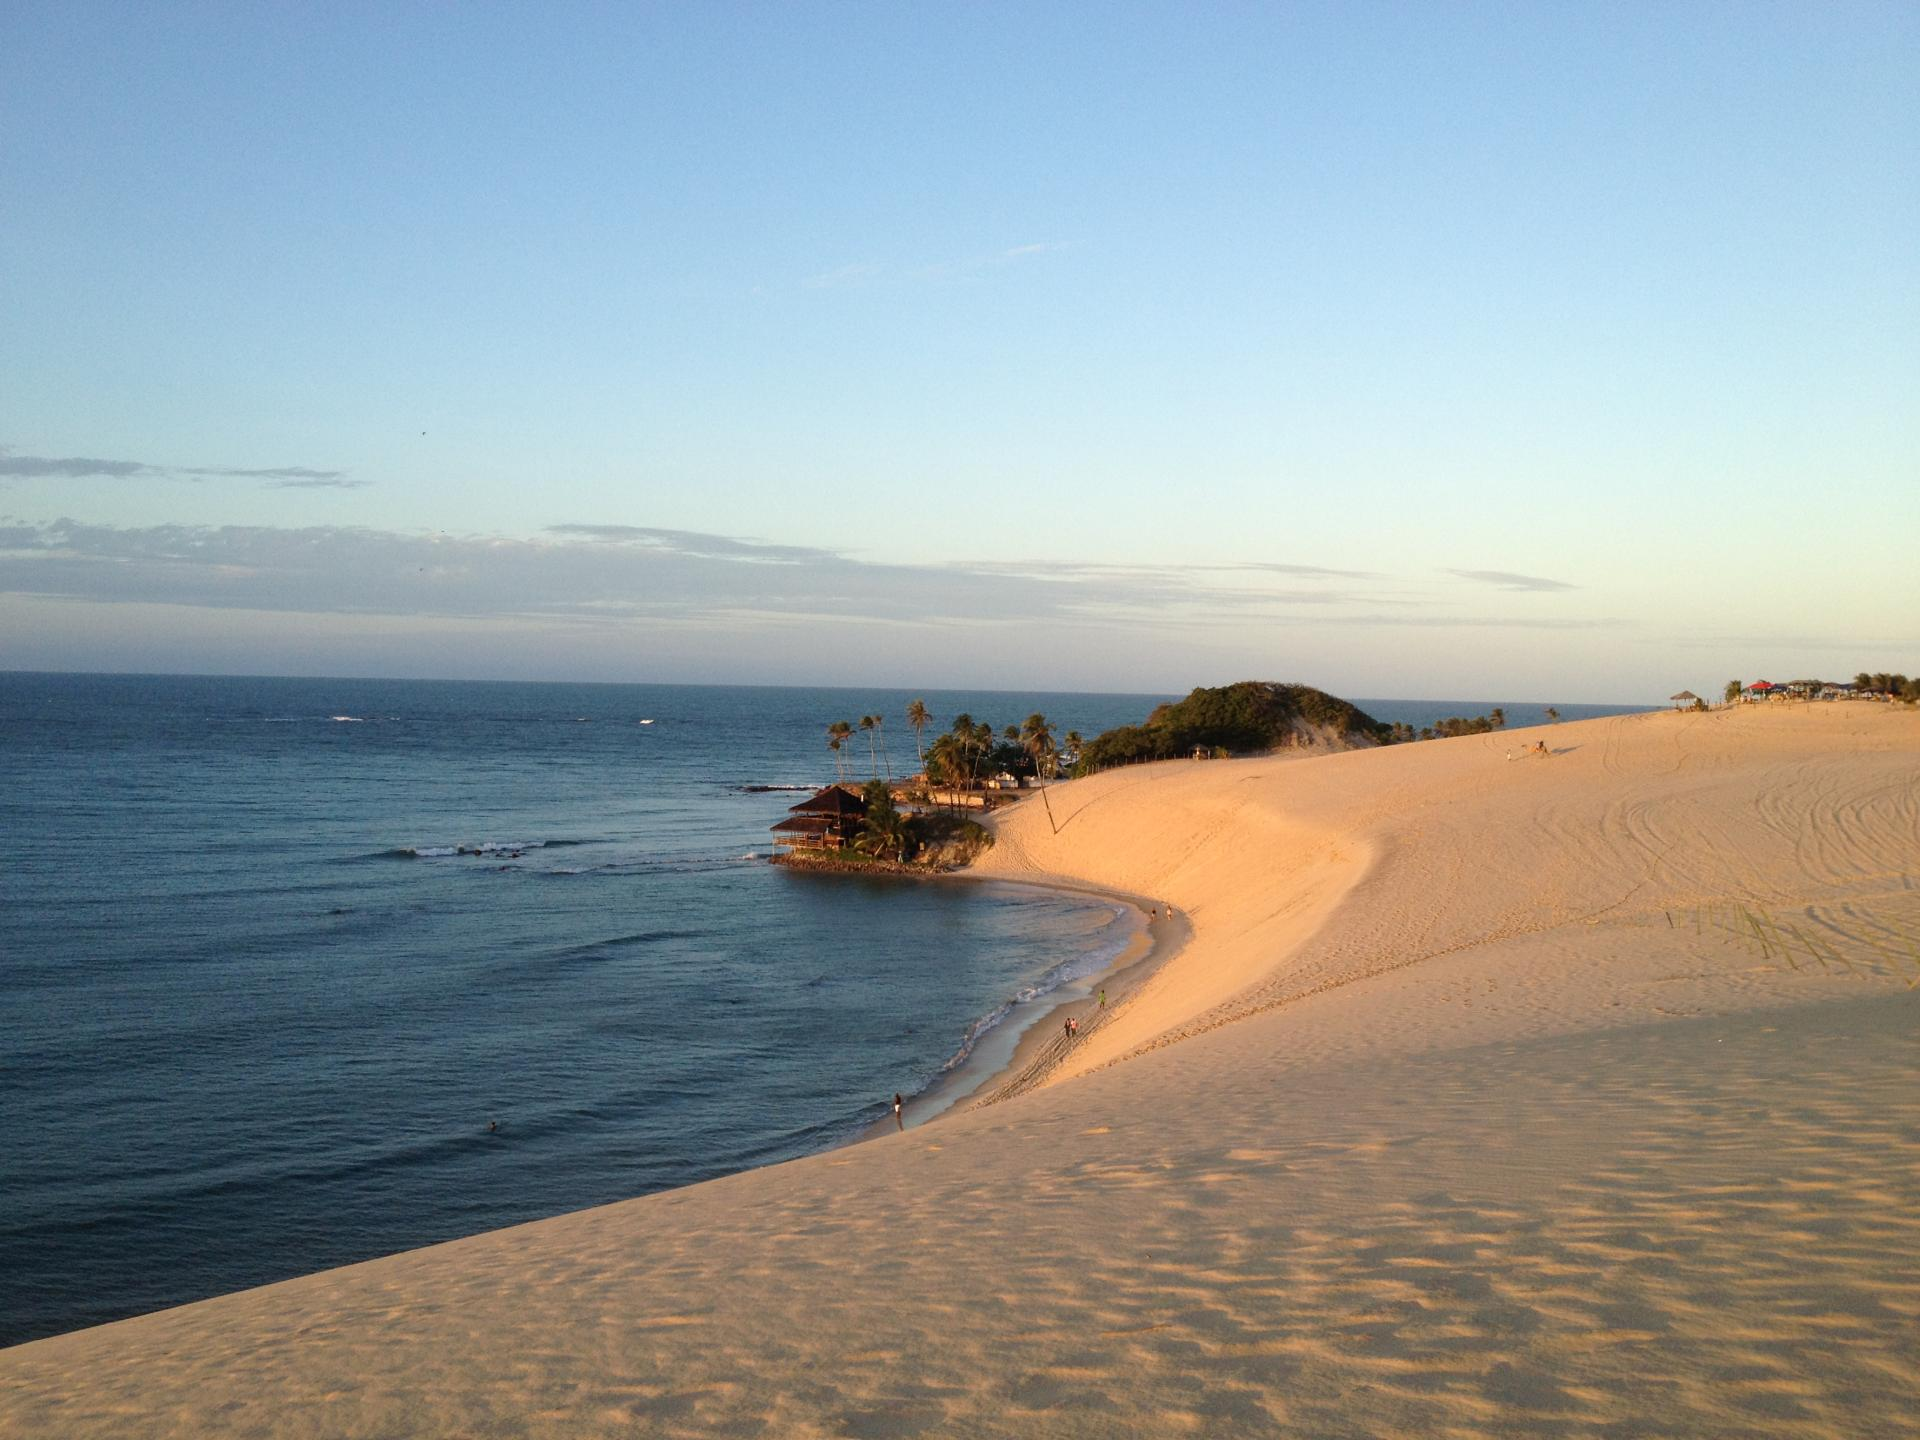 Ausblick aufs Meer von einer Sanddüne in Natal